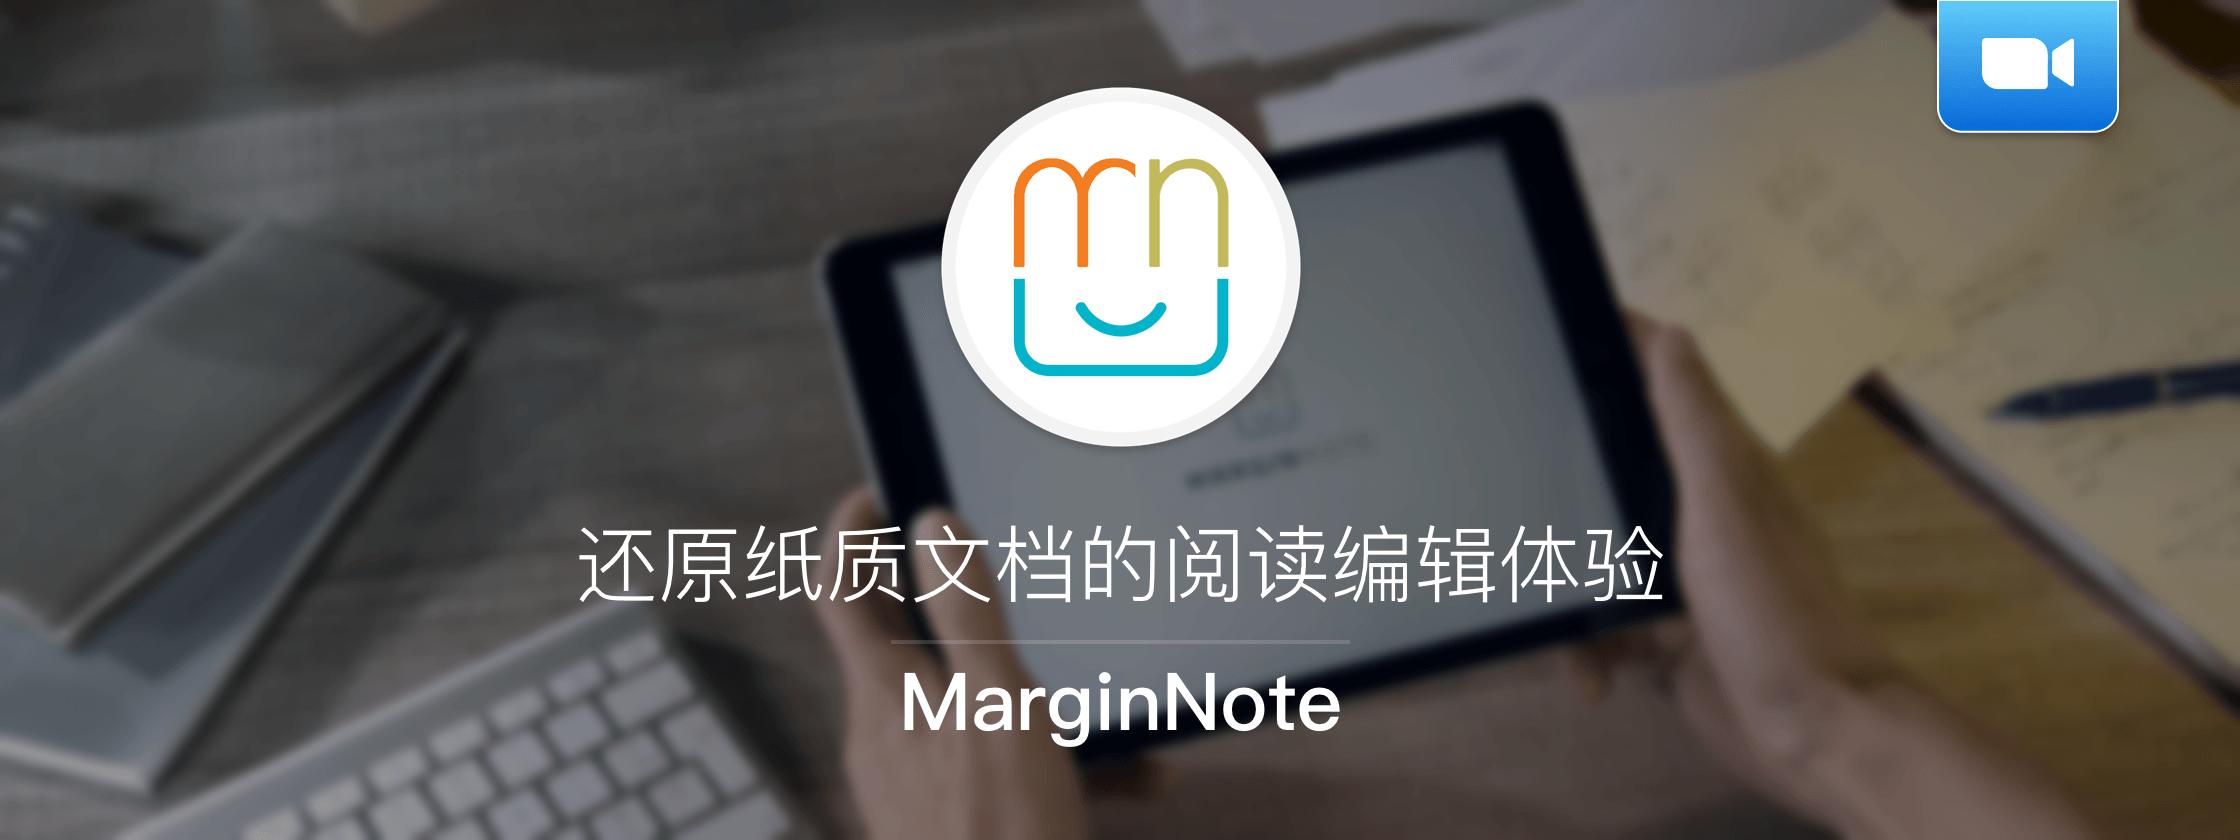 【视频】MarginNote,还原纸质文档的阅读编辑体验